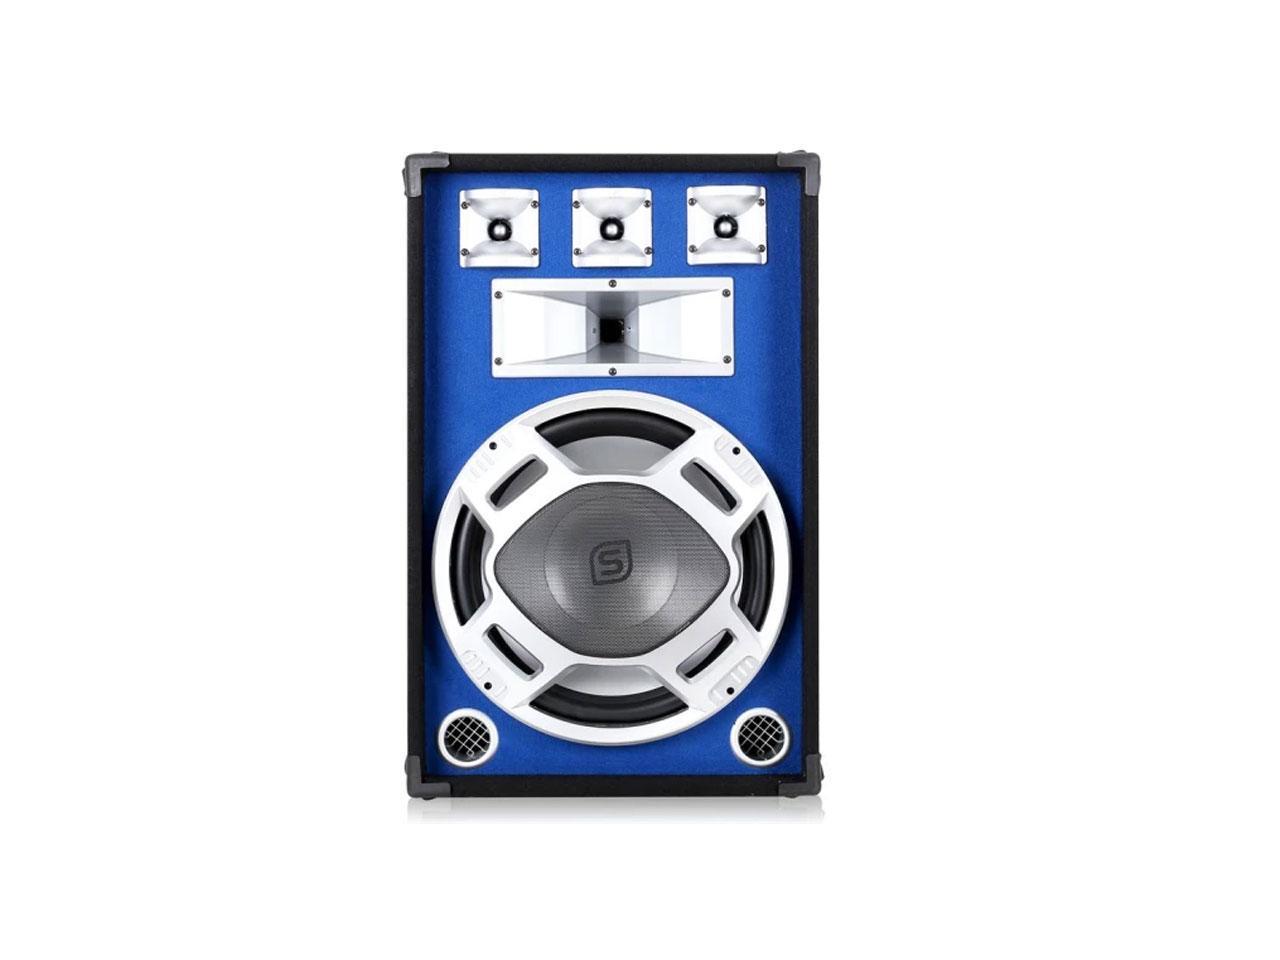 Reproduktor SKYTEC LED-1522 Discobox + záruka 3 roky!